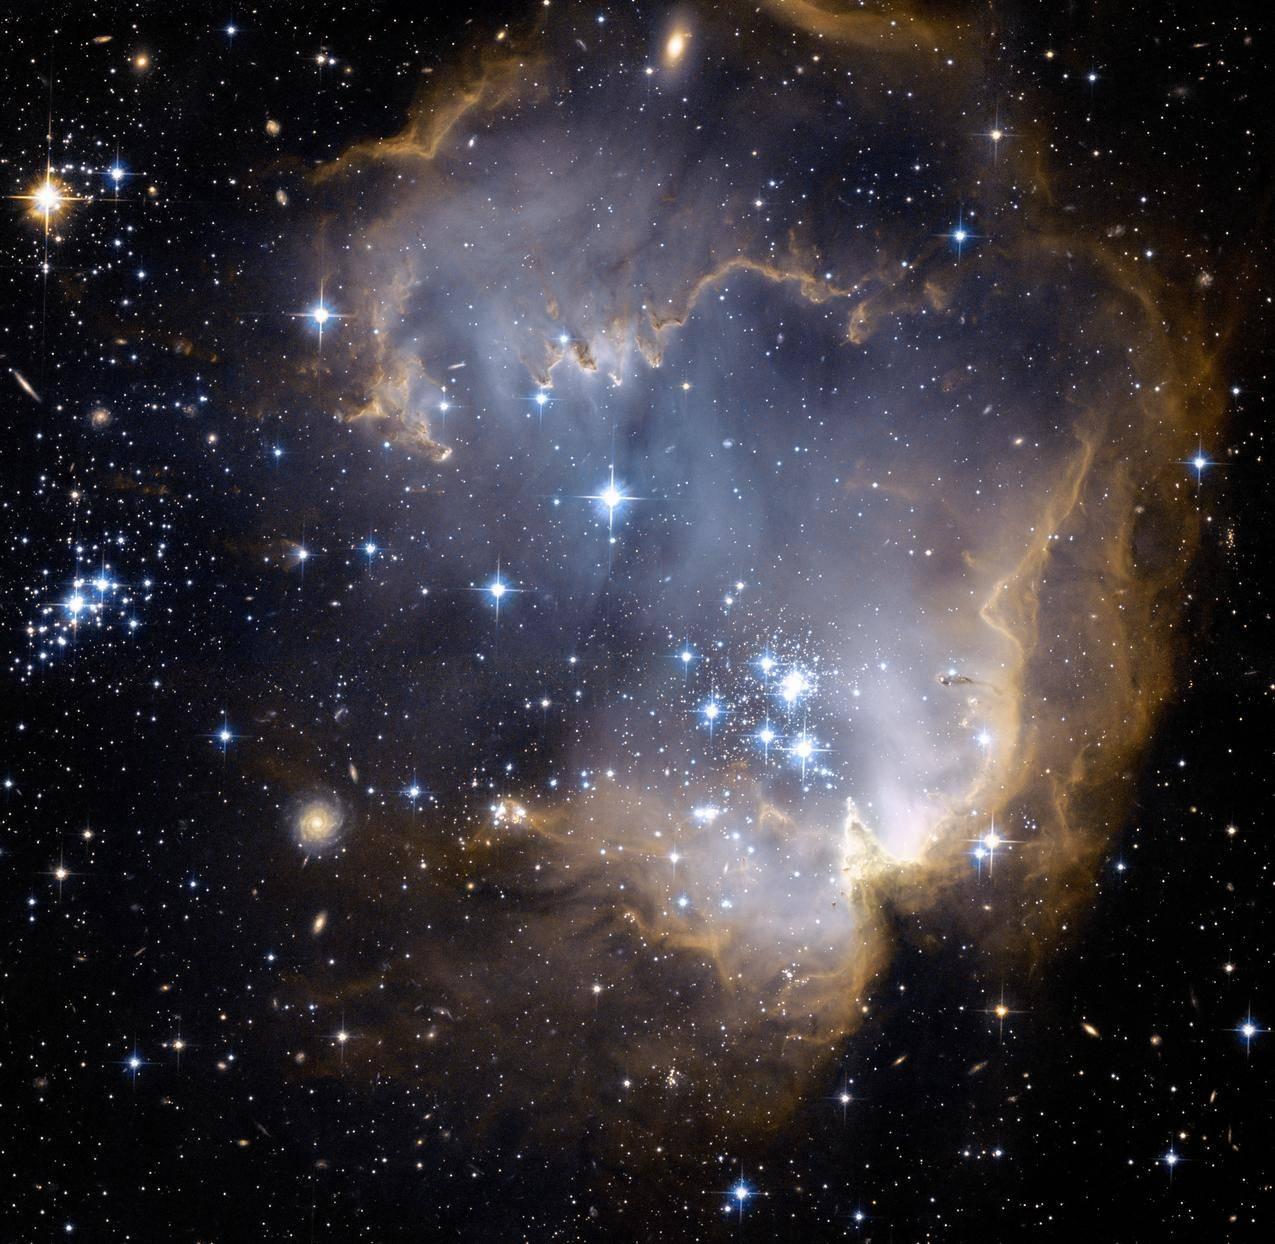 星团,星系,云,神奇的,神秘的星空壁纸